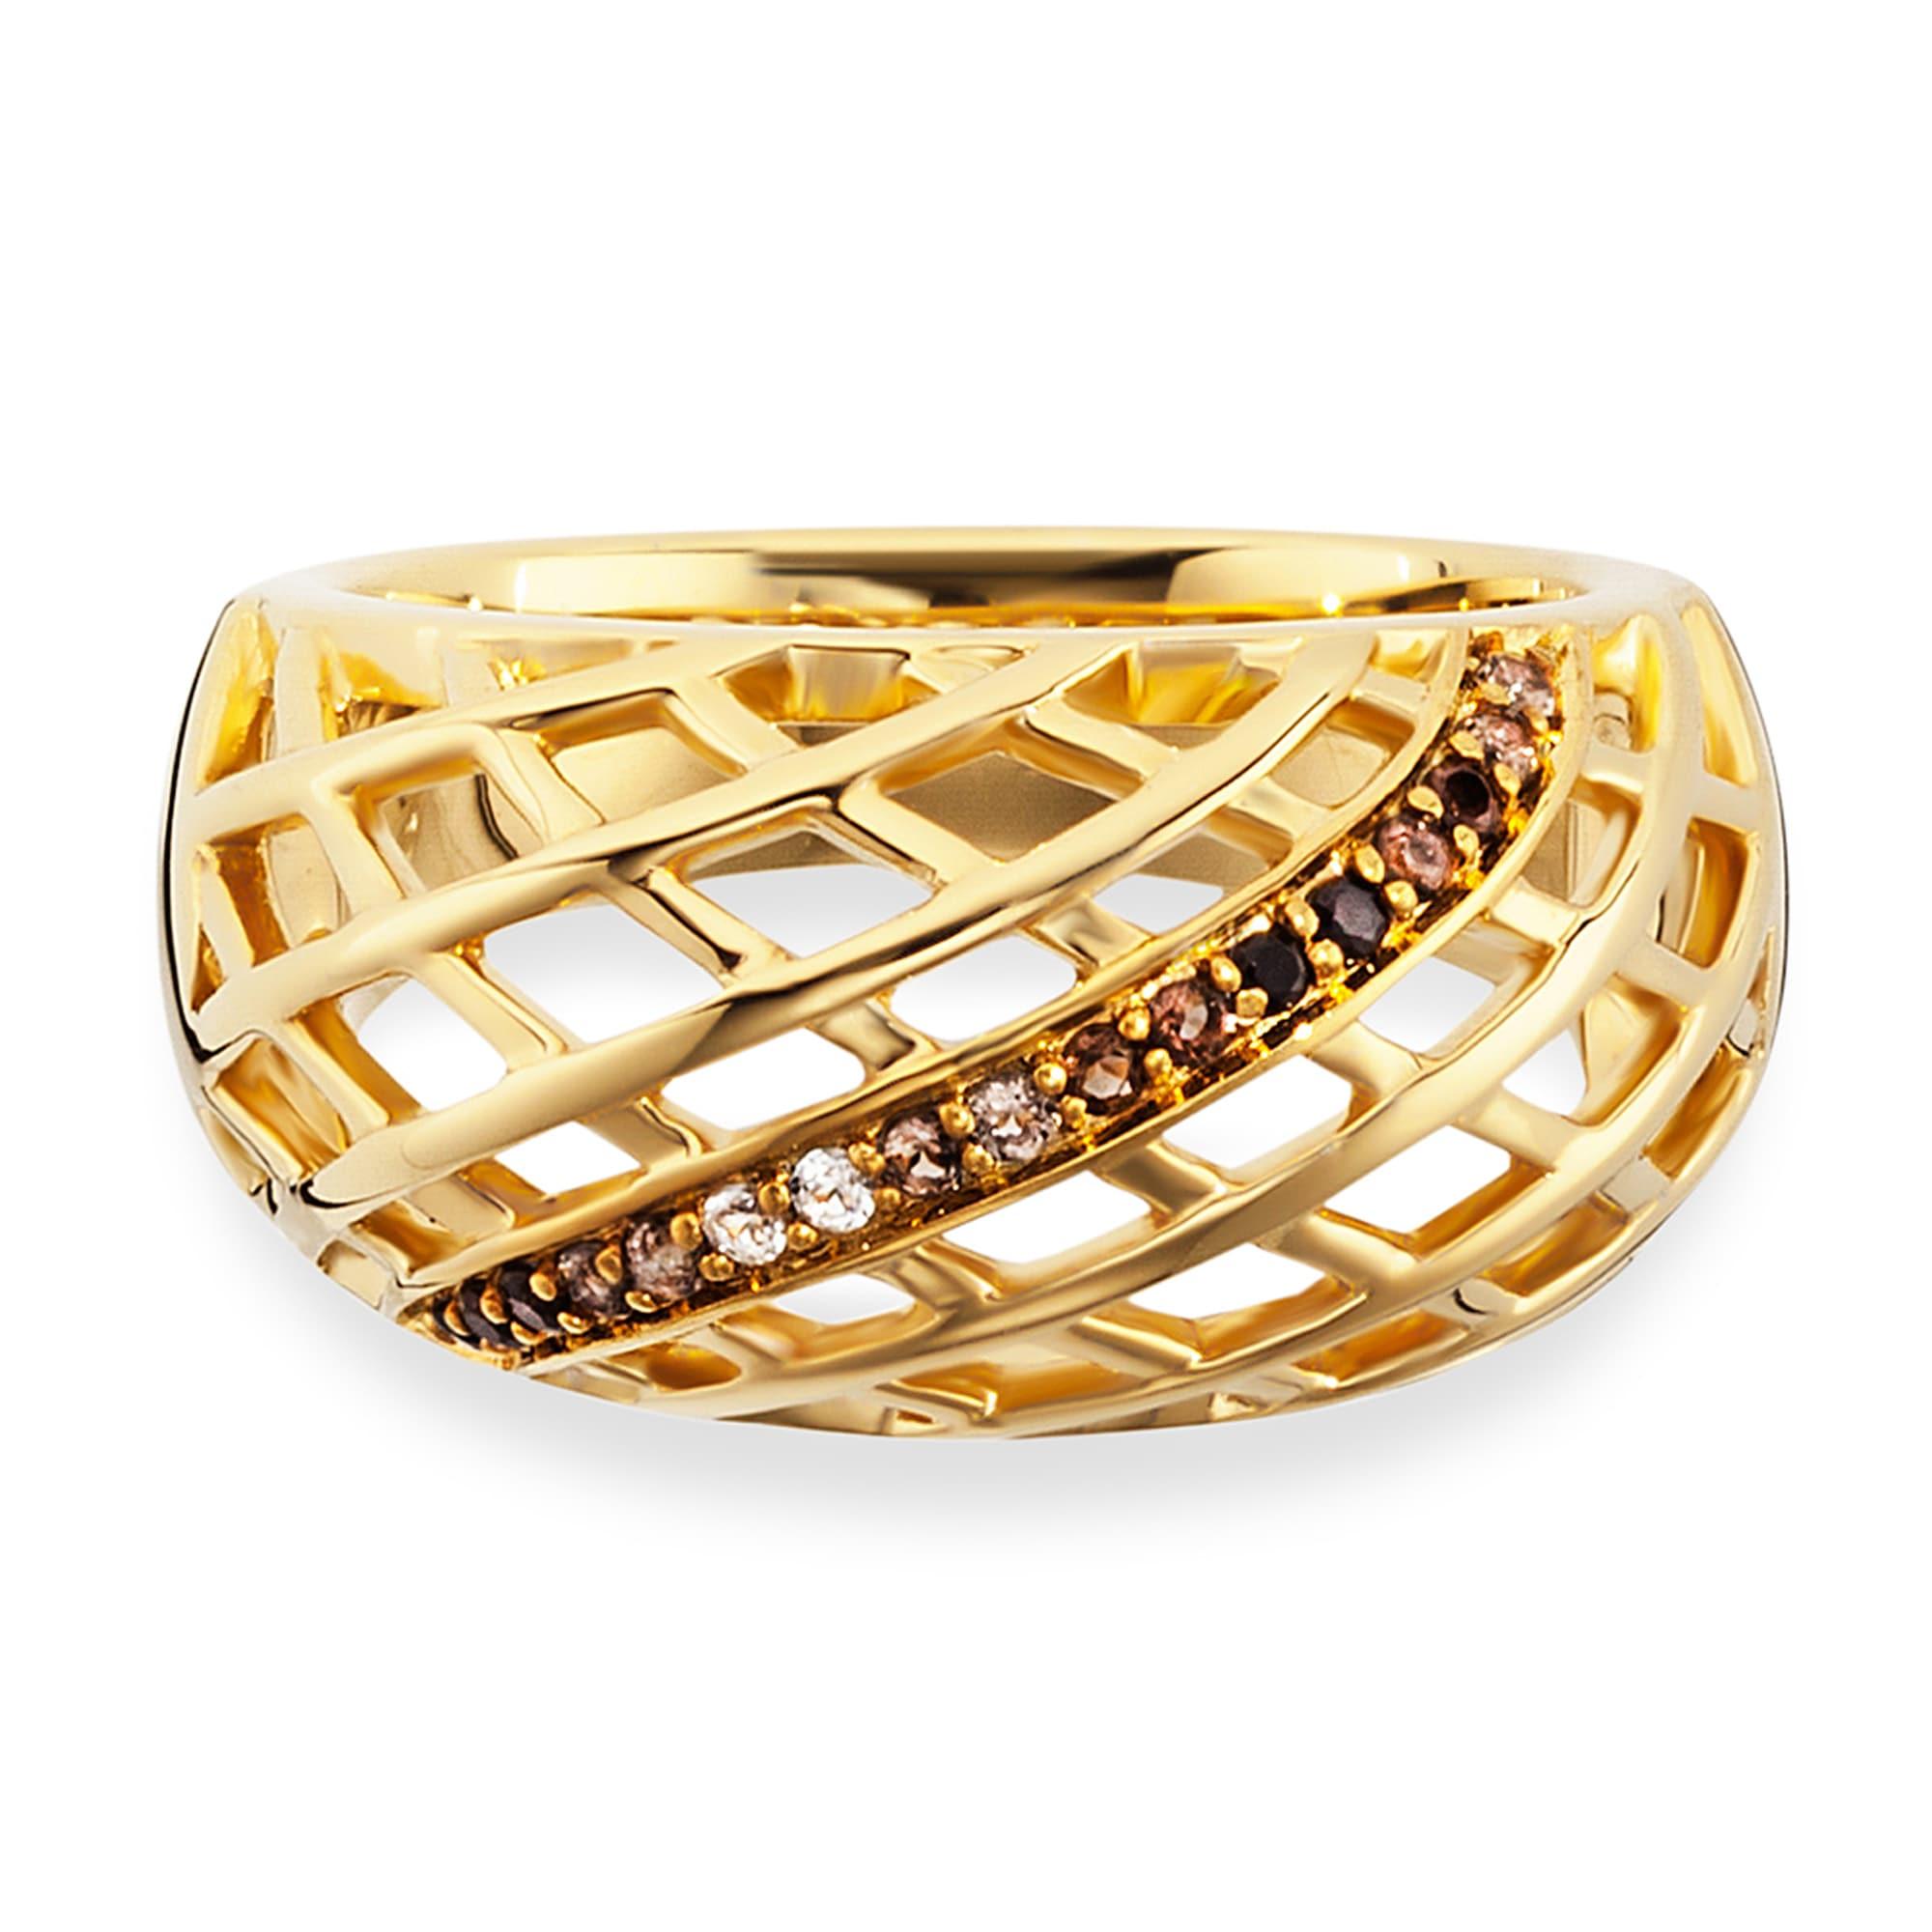 CAÏ Ring 925/- Sterling Silber vergoldet Topas   Schmuck > Ringe > Silberringe   Gelb   Caï